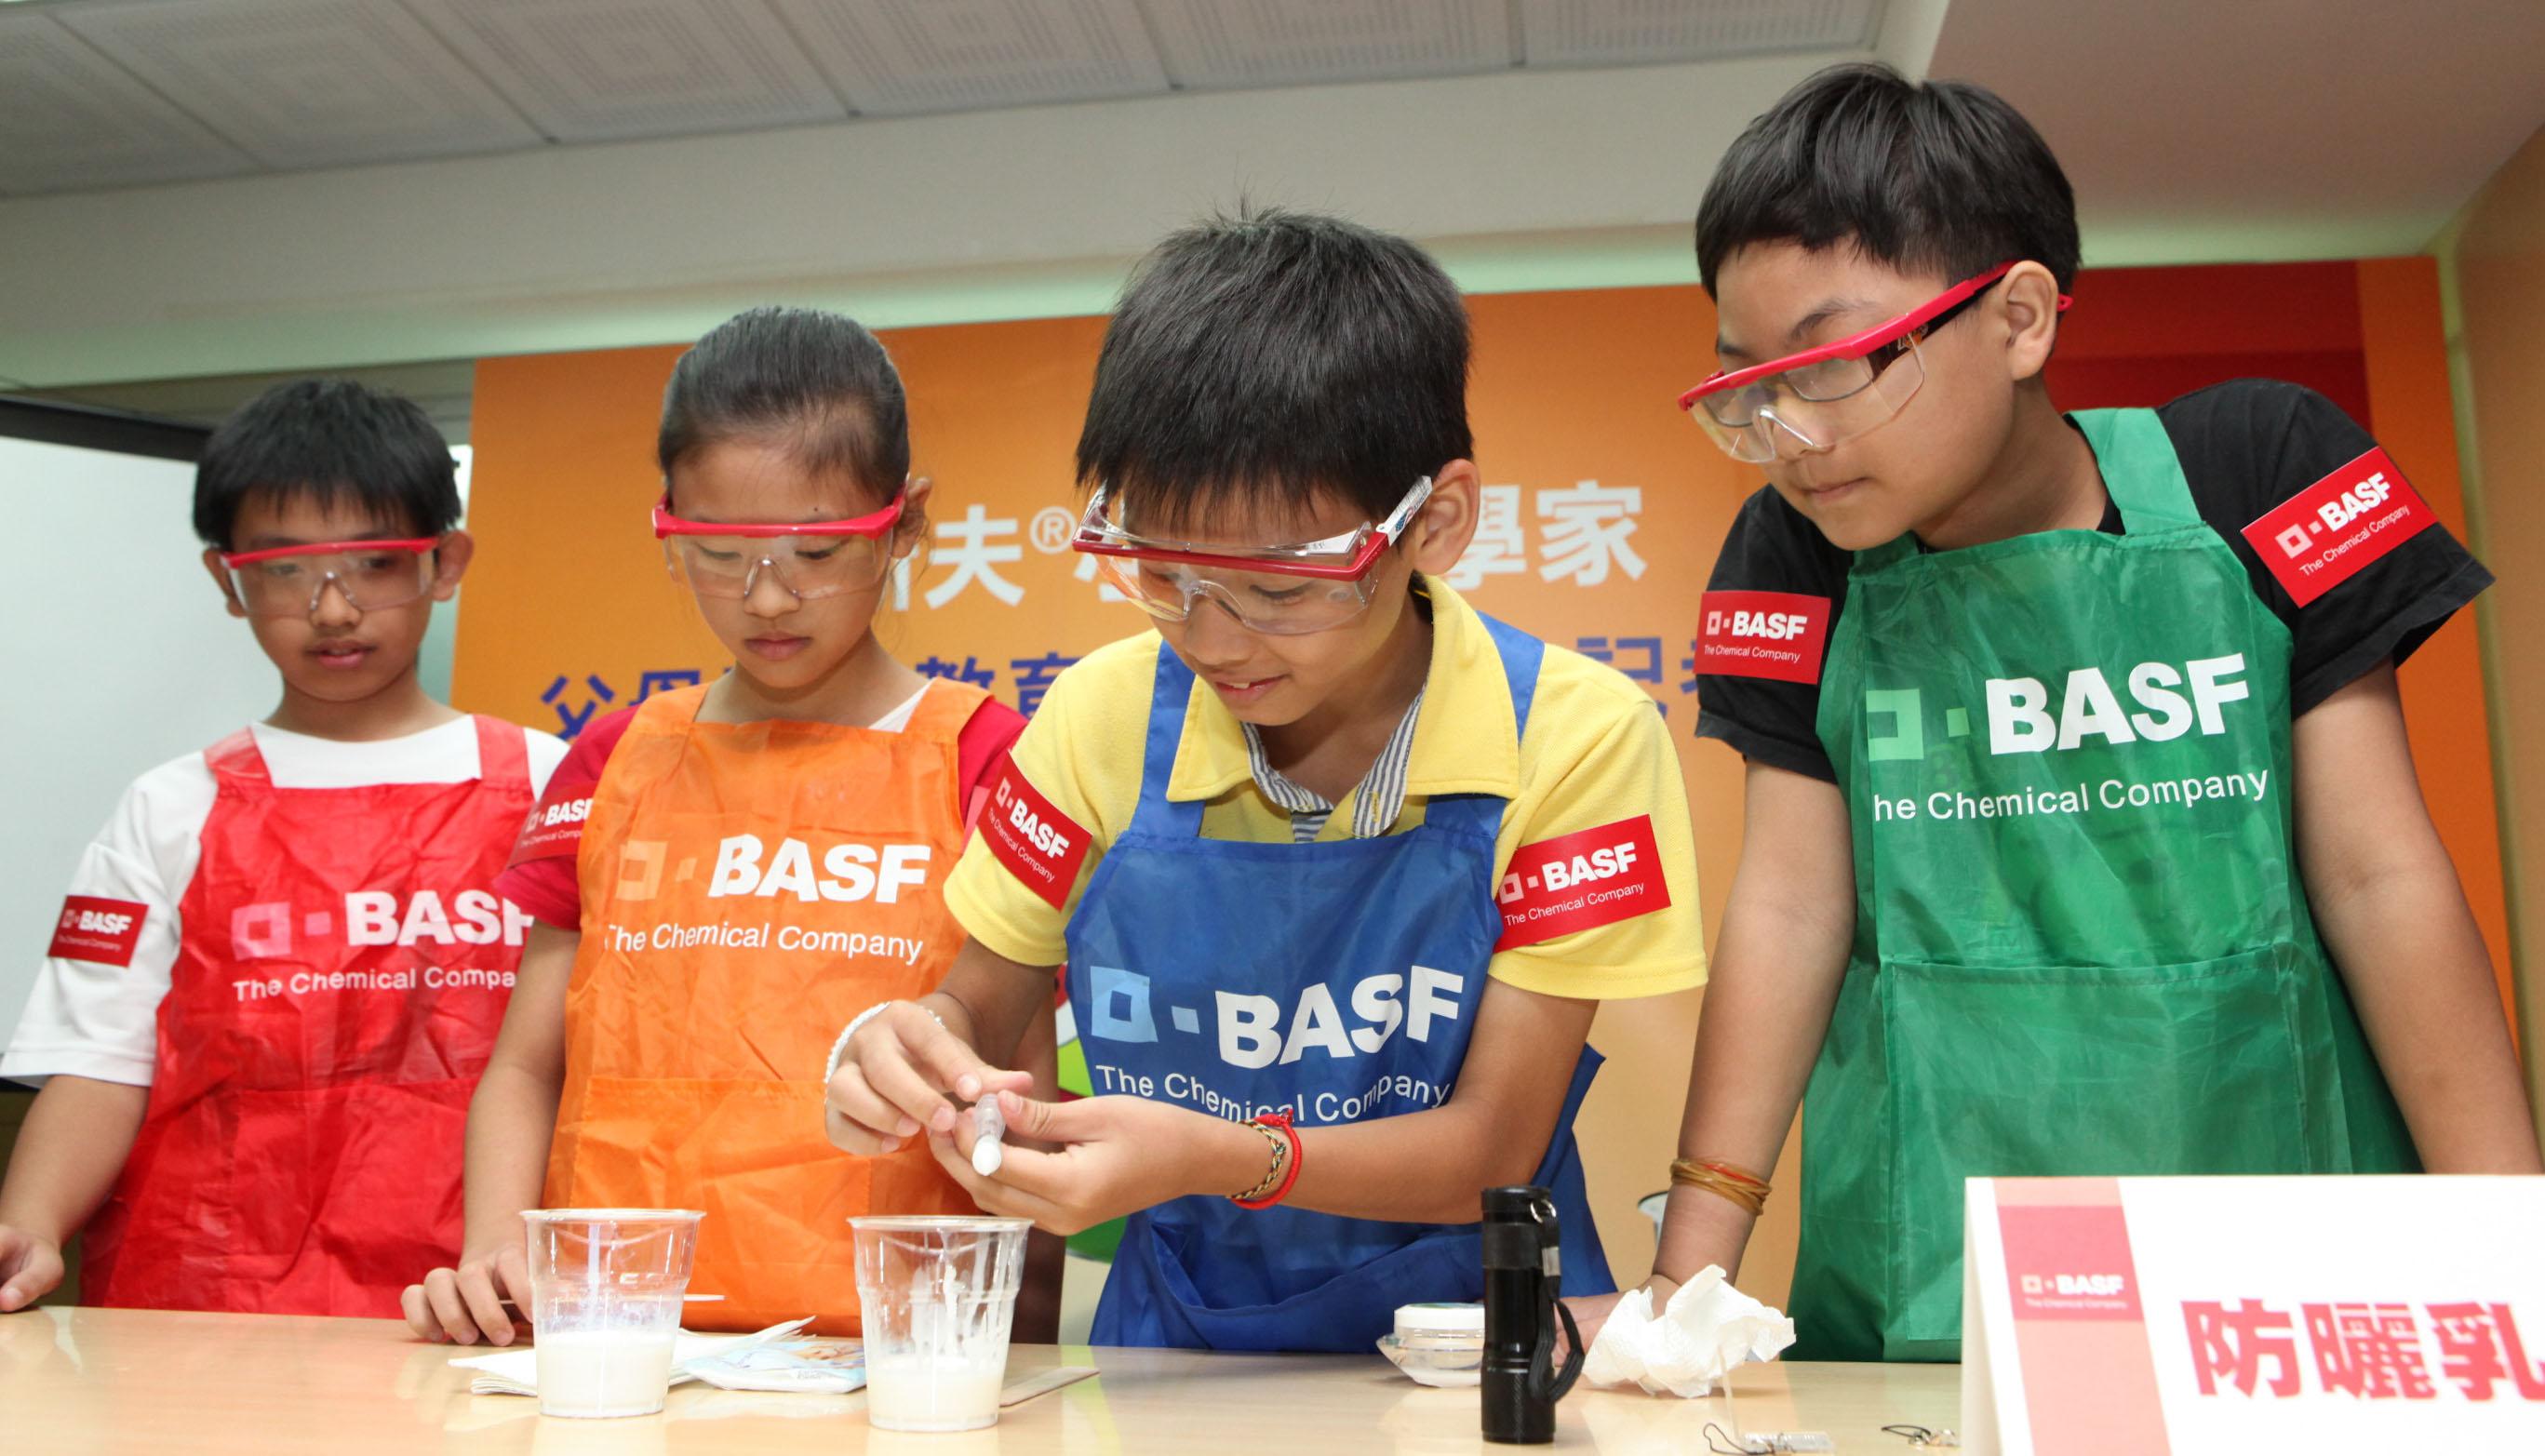 2012 「巴斯夫小小化學家」今年新增「 防曬乳液」 試驗,要讓小朋友體驗自製防曬乳液的樂趣, 更可學習紫外線對皮膚的影響與防曬的重要。(...